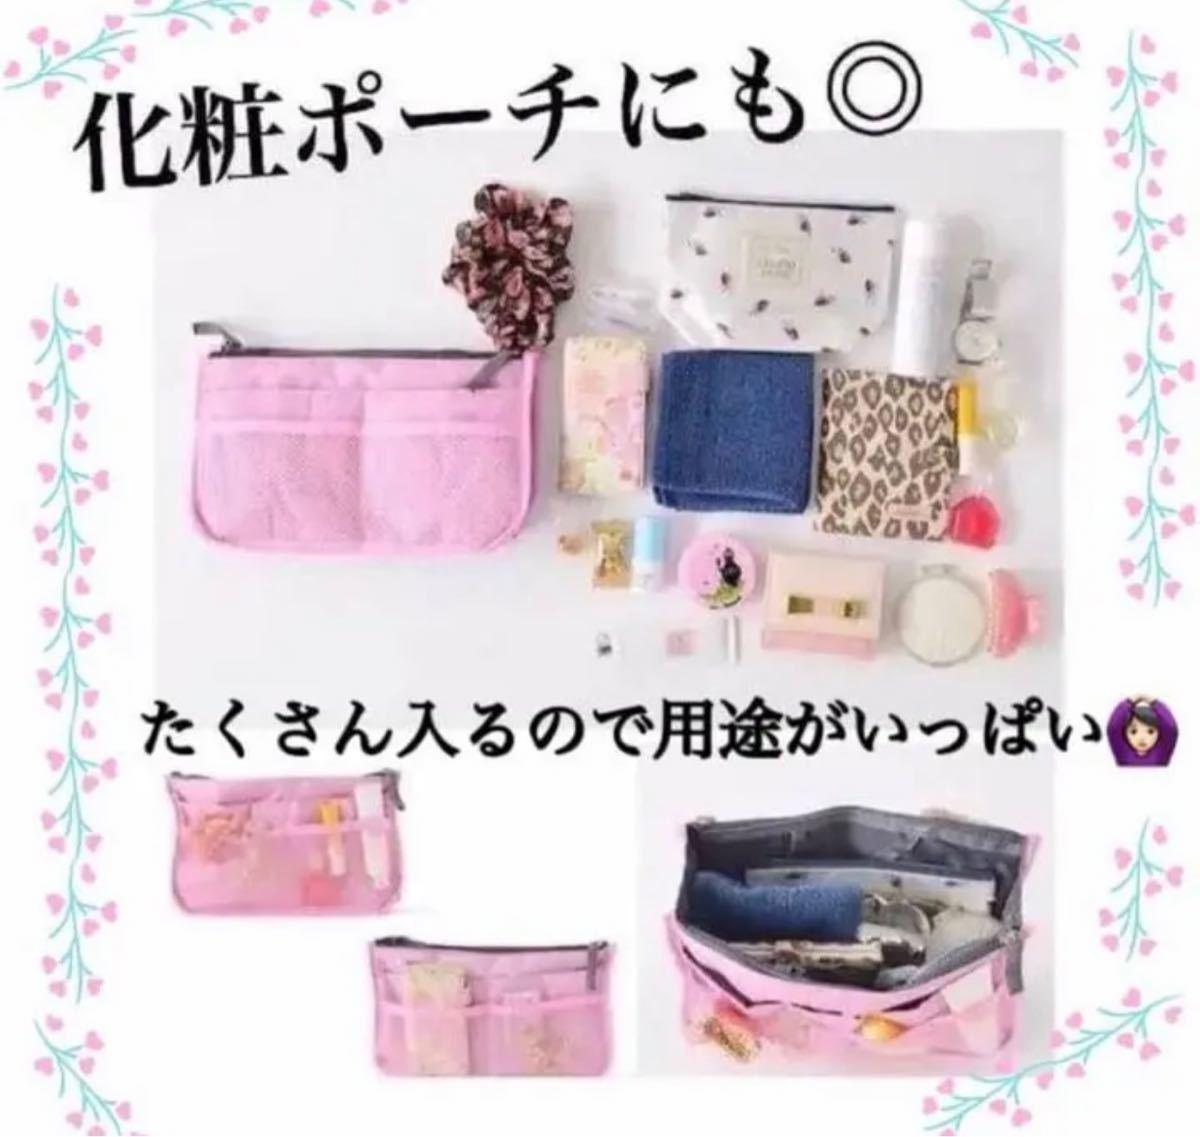 バッグインバッグ インナーバッグ インナーポーチ 小物収納*ピンク